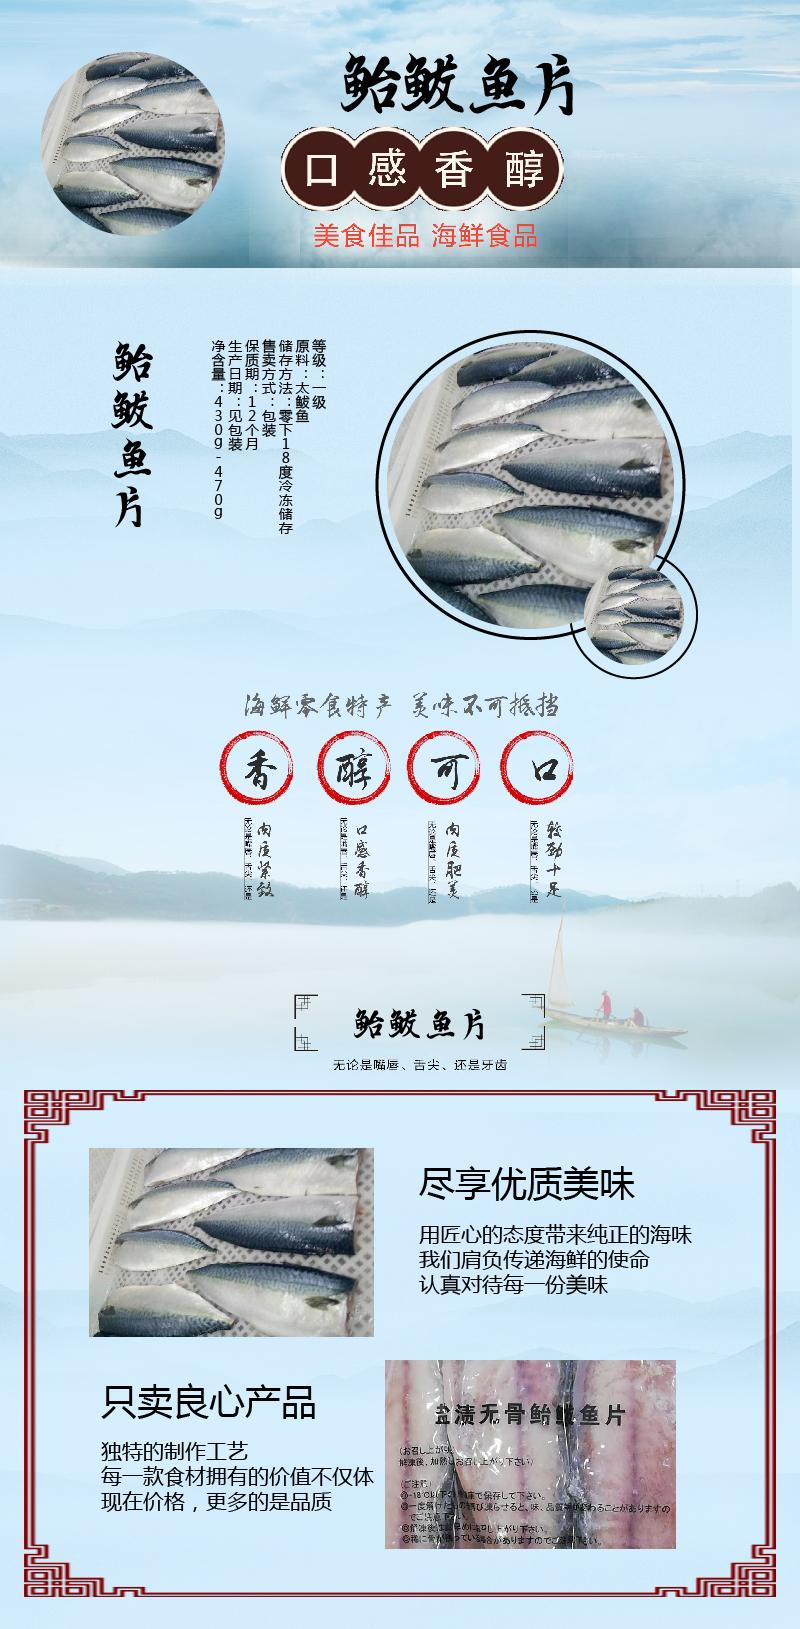 鱼类-20.jpg